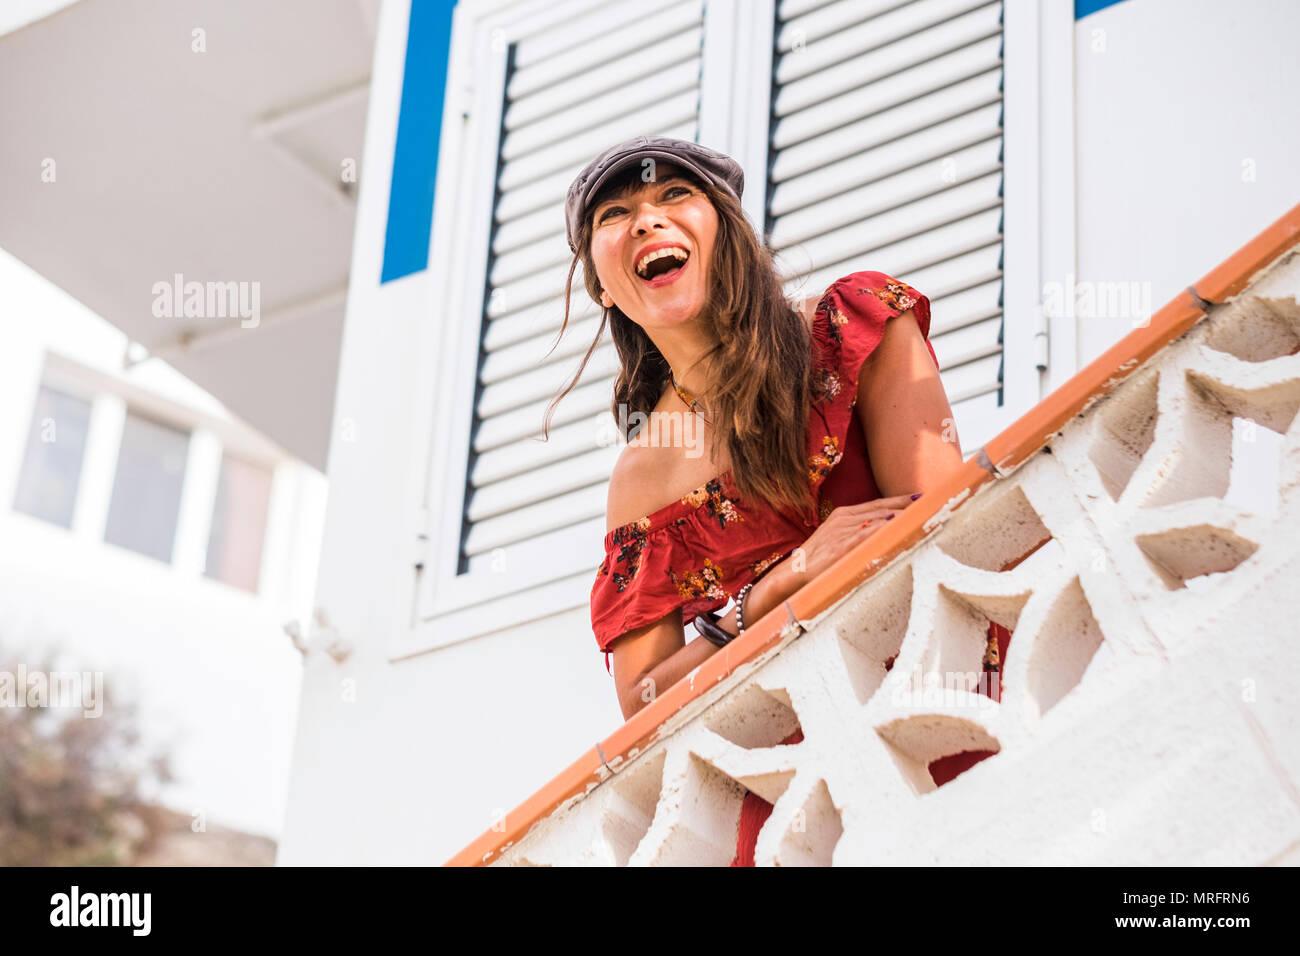 Grand sourire et rire de bonheur et bénéficiant d'un concept avec de belles personnes de race blanche de 40 ans de maisons blanches à l'arrière-plan. n loisirs Photo Stock